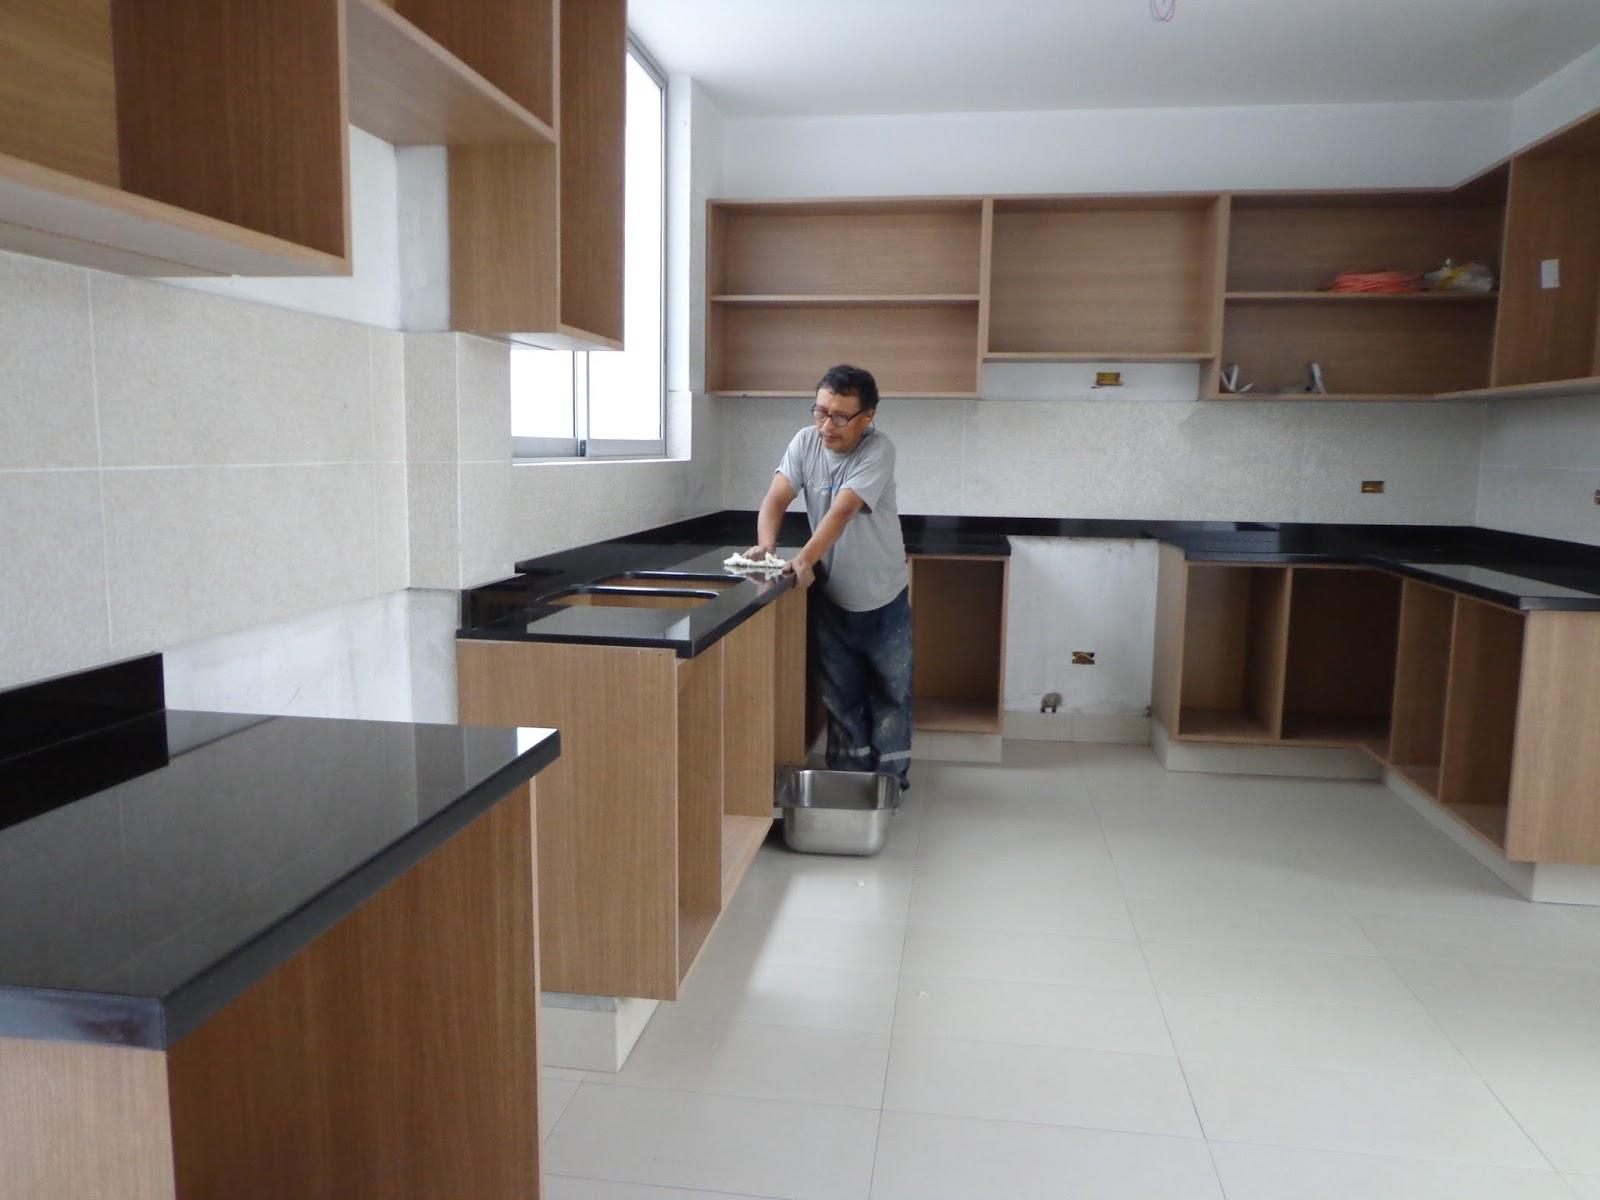 Granito o cuarzo en la encimera de su cocina granito o - Colores de granito para encimeras de cocina ...